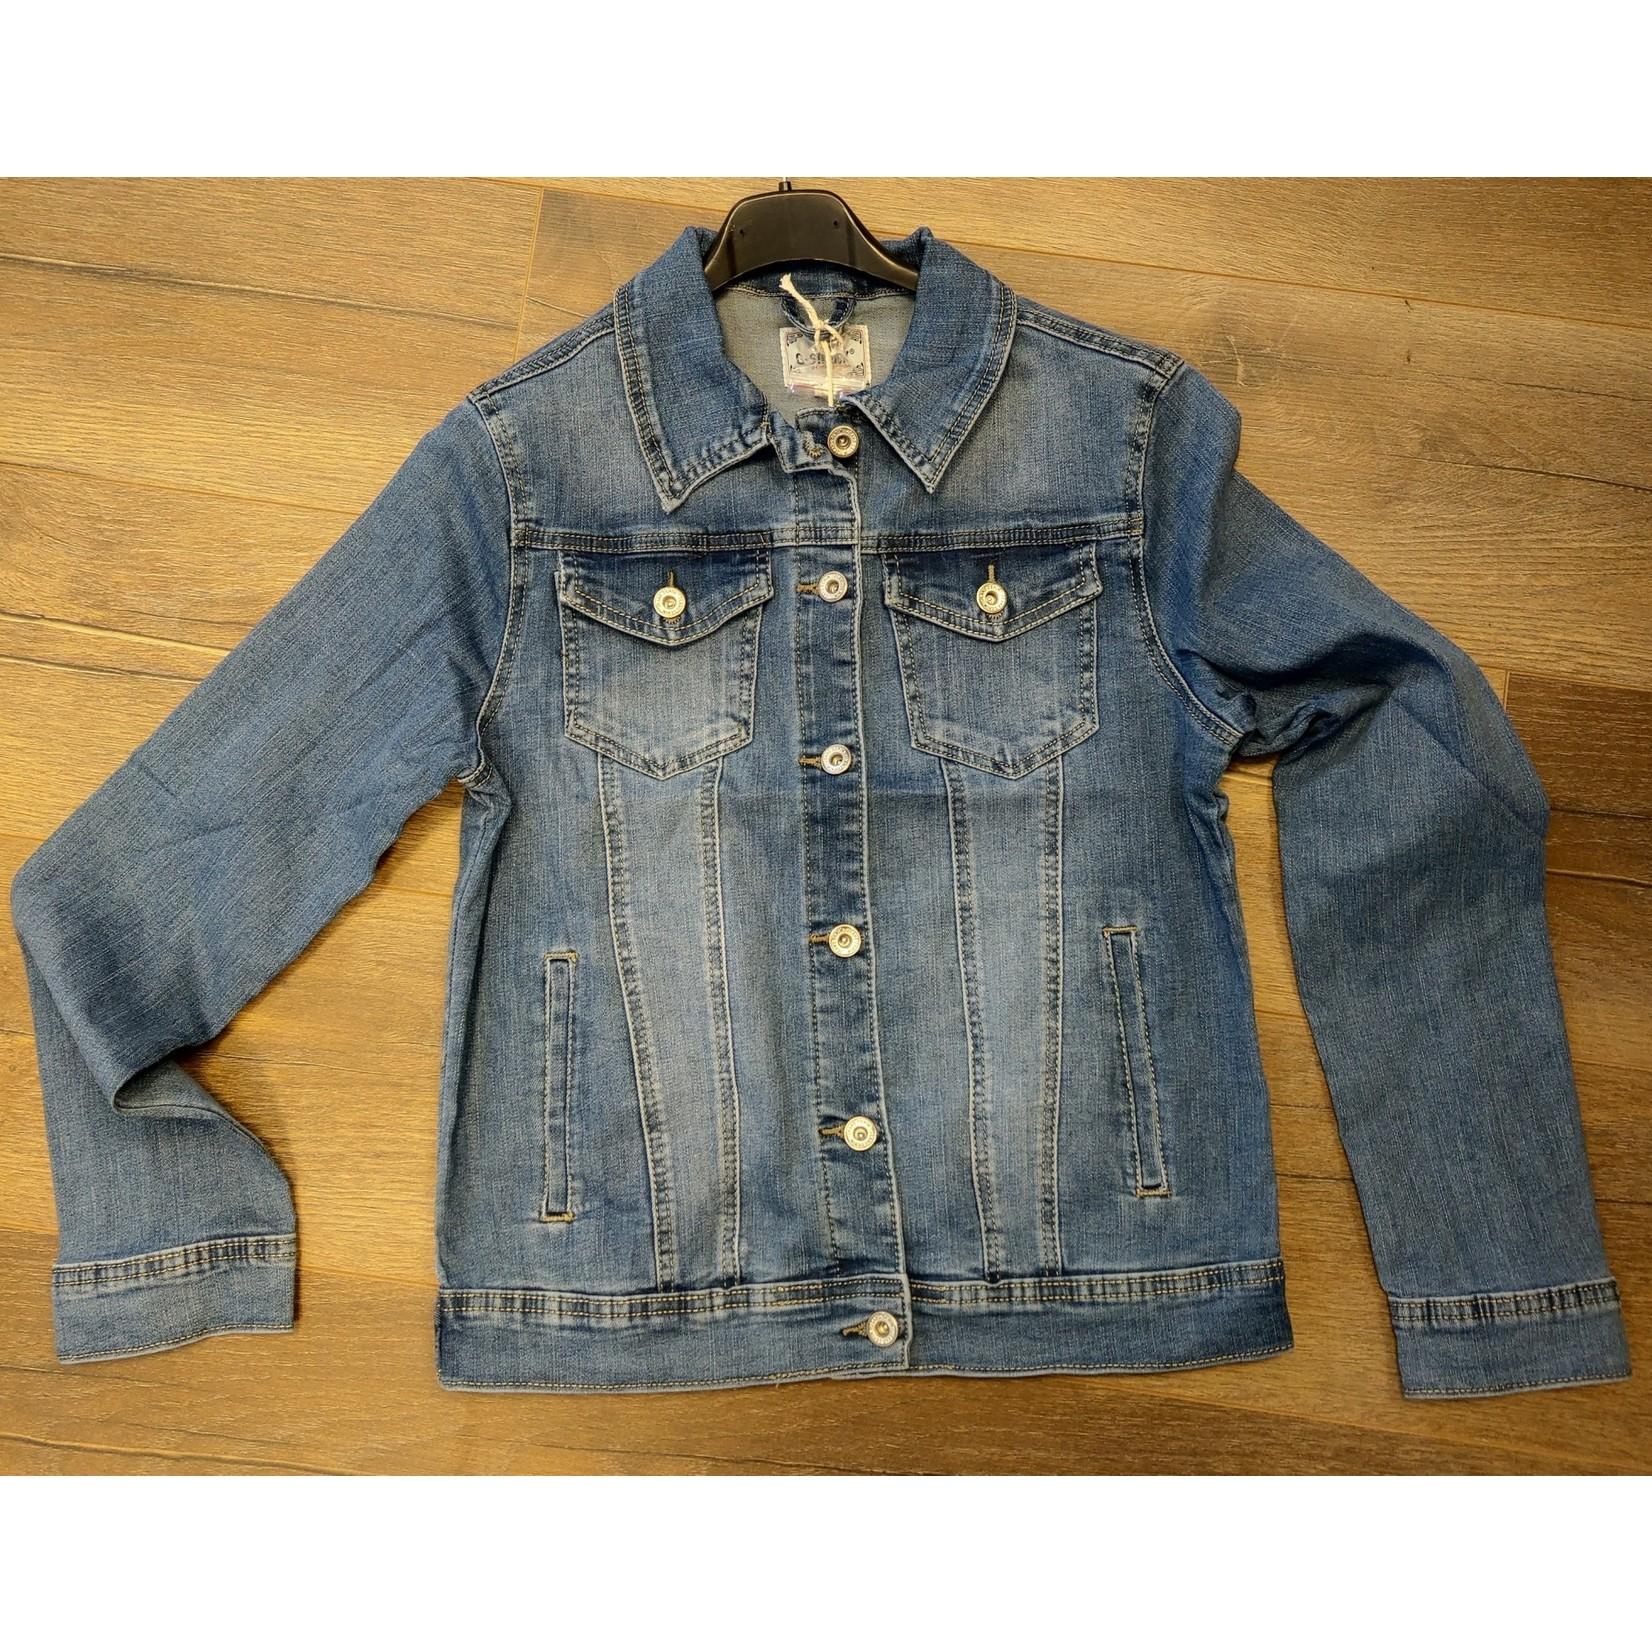 jeans jasje tot 5XL ( ook grote maten )